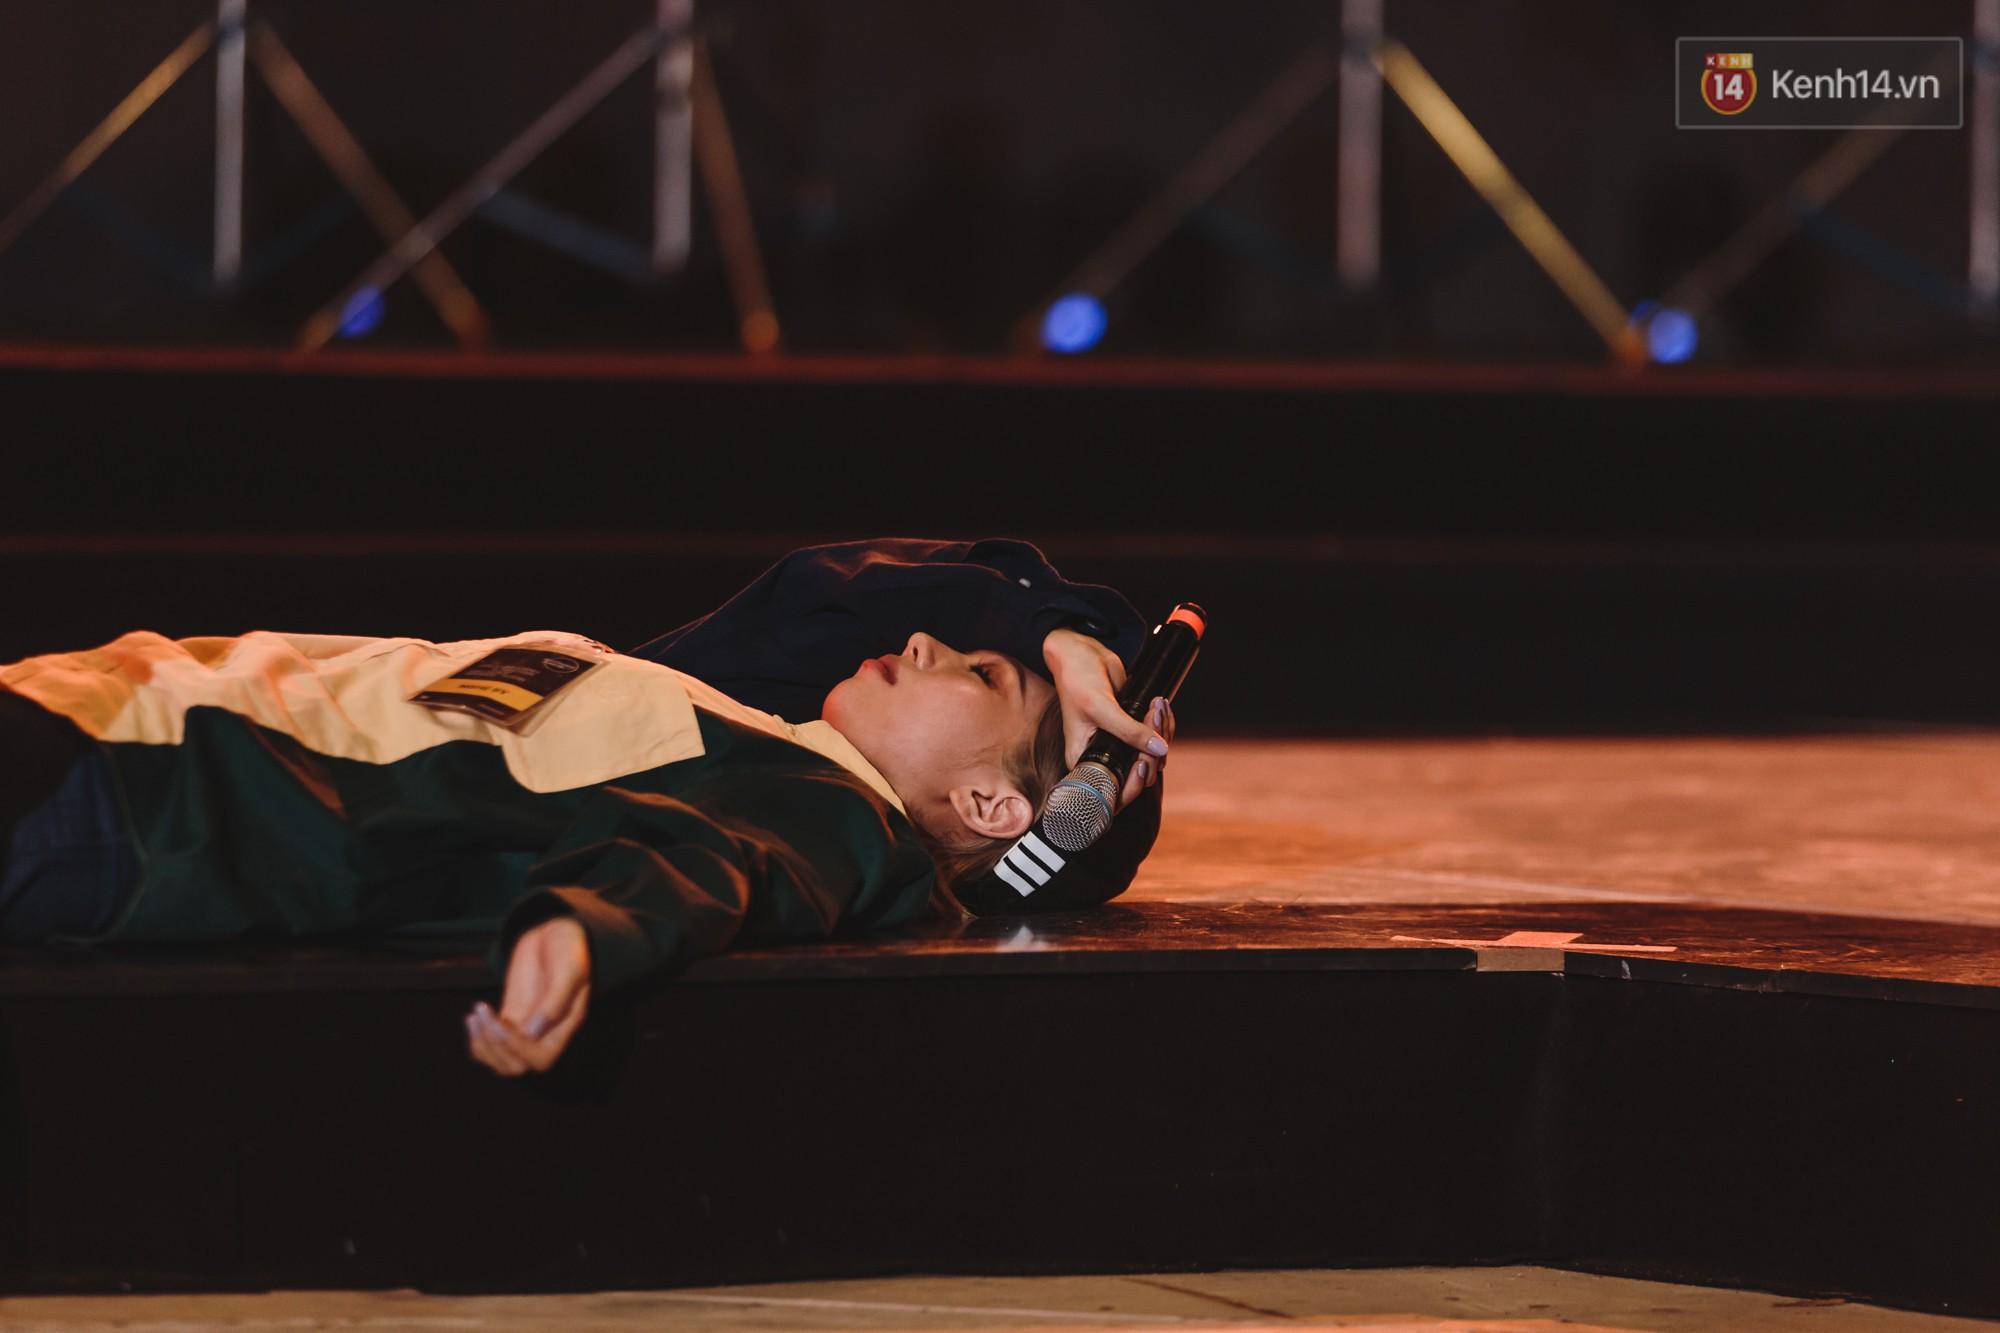 Tổng duyệt Gala WeChoice Awards 2018: Min nằm lăn ra sàn, hiện tượng Hongkong1 và Cô gái m52 lần đầu kết hợp - Ảnh 1.